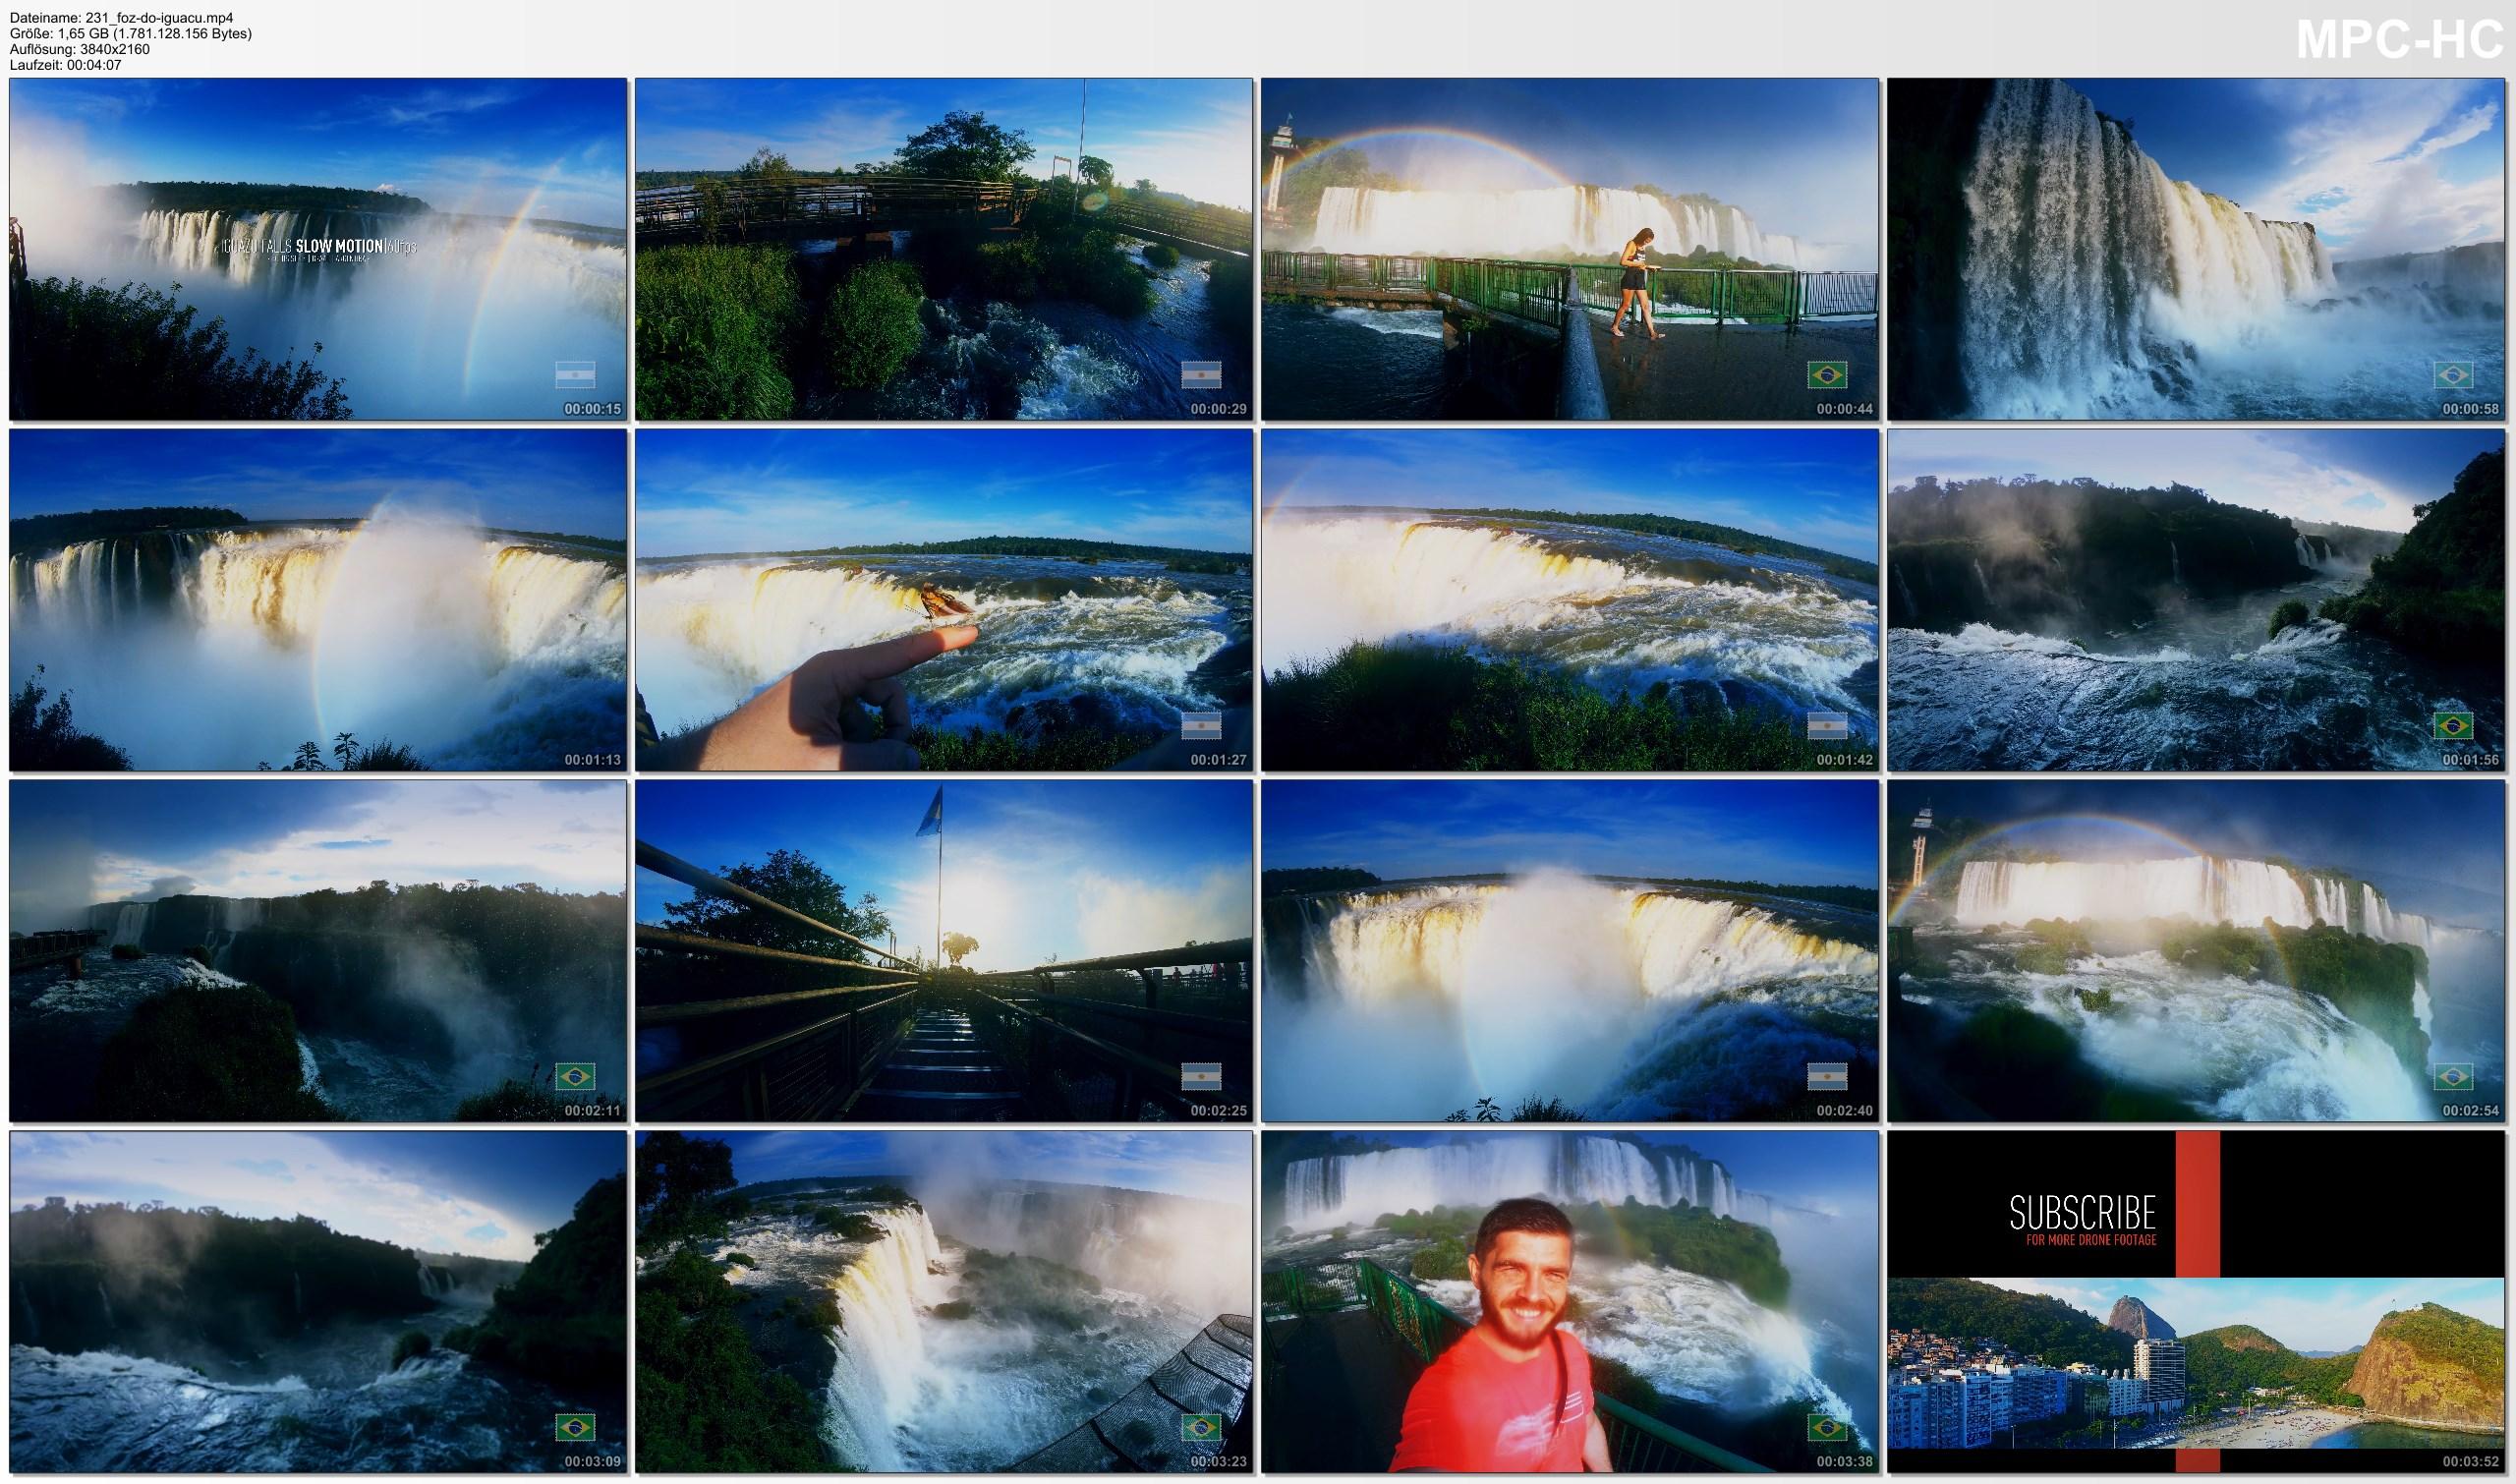 Pictures from Video 【4K】Footage | Iguazu Falls 2019 | Brazil vs. Argentina ..:: Waterfalls Foz do Iguacu | Puerto Iguazu